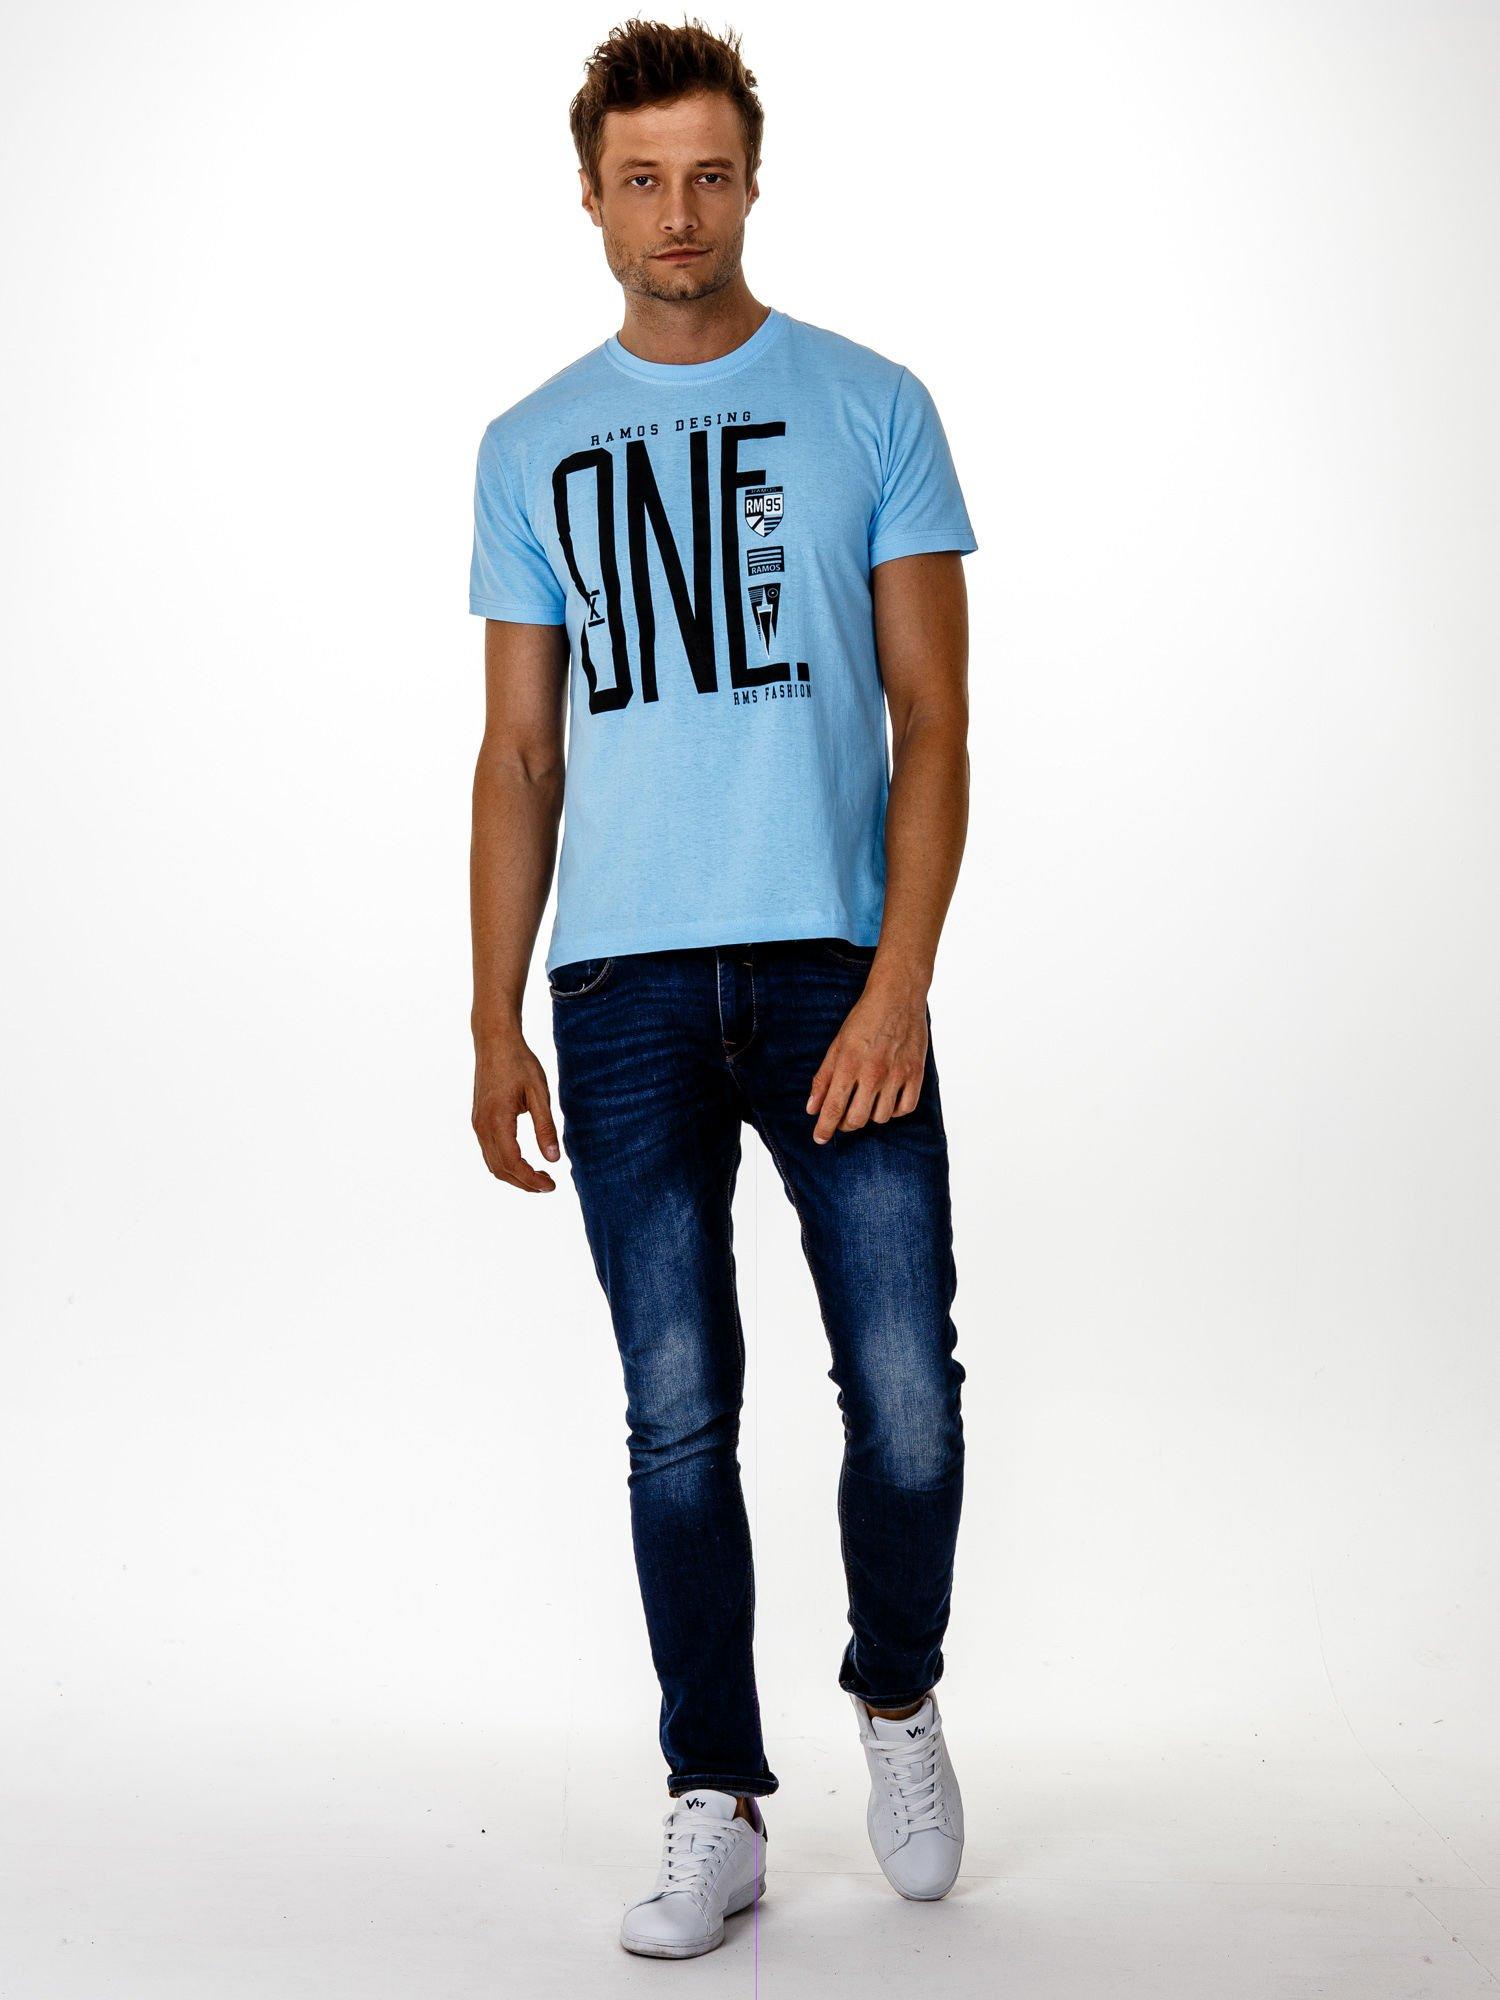 Jasnoniebieski t-shirt męski z nadrukiem i napisem ONE                                  zdj.                                  4